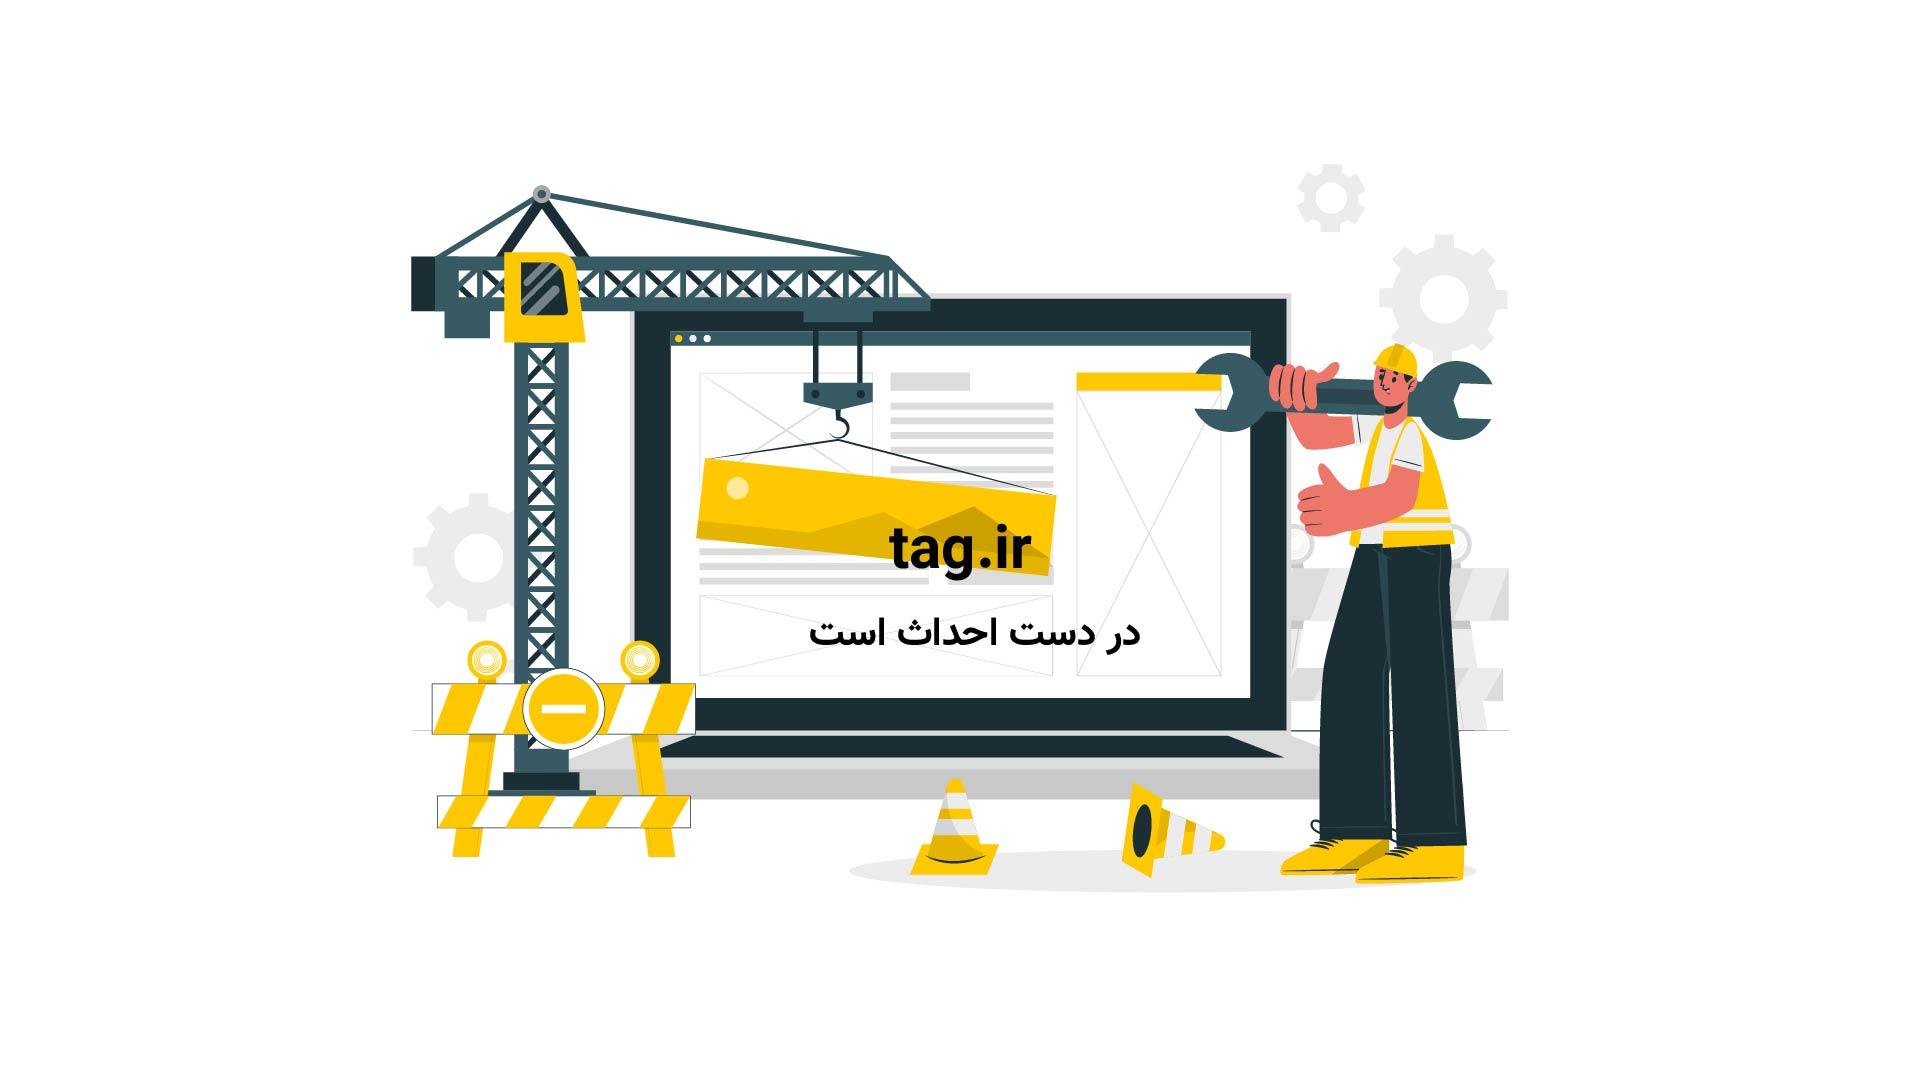 آبشار کلشتر در ارتفاعات استان گیلان | فیلم